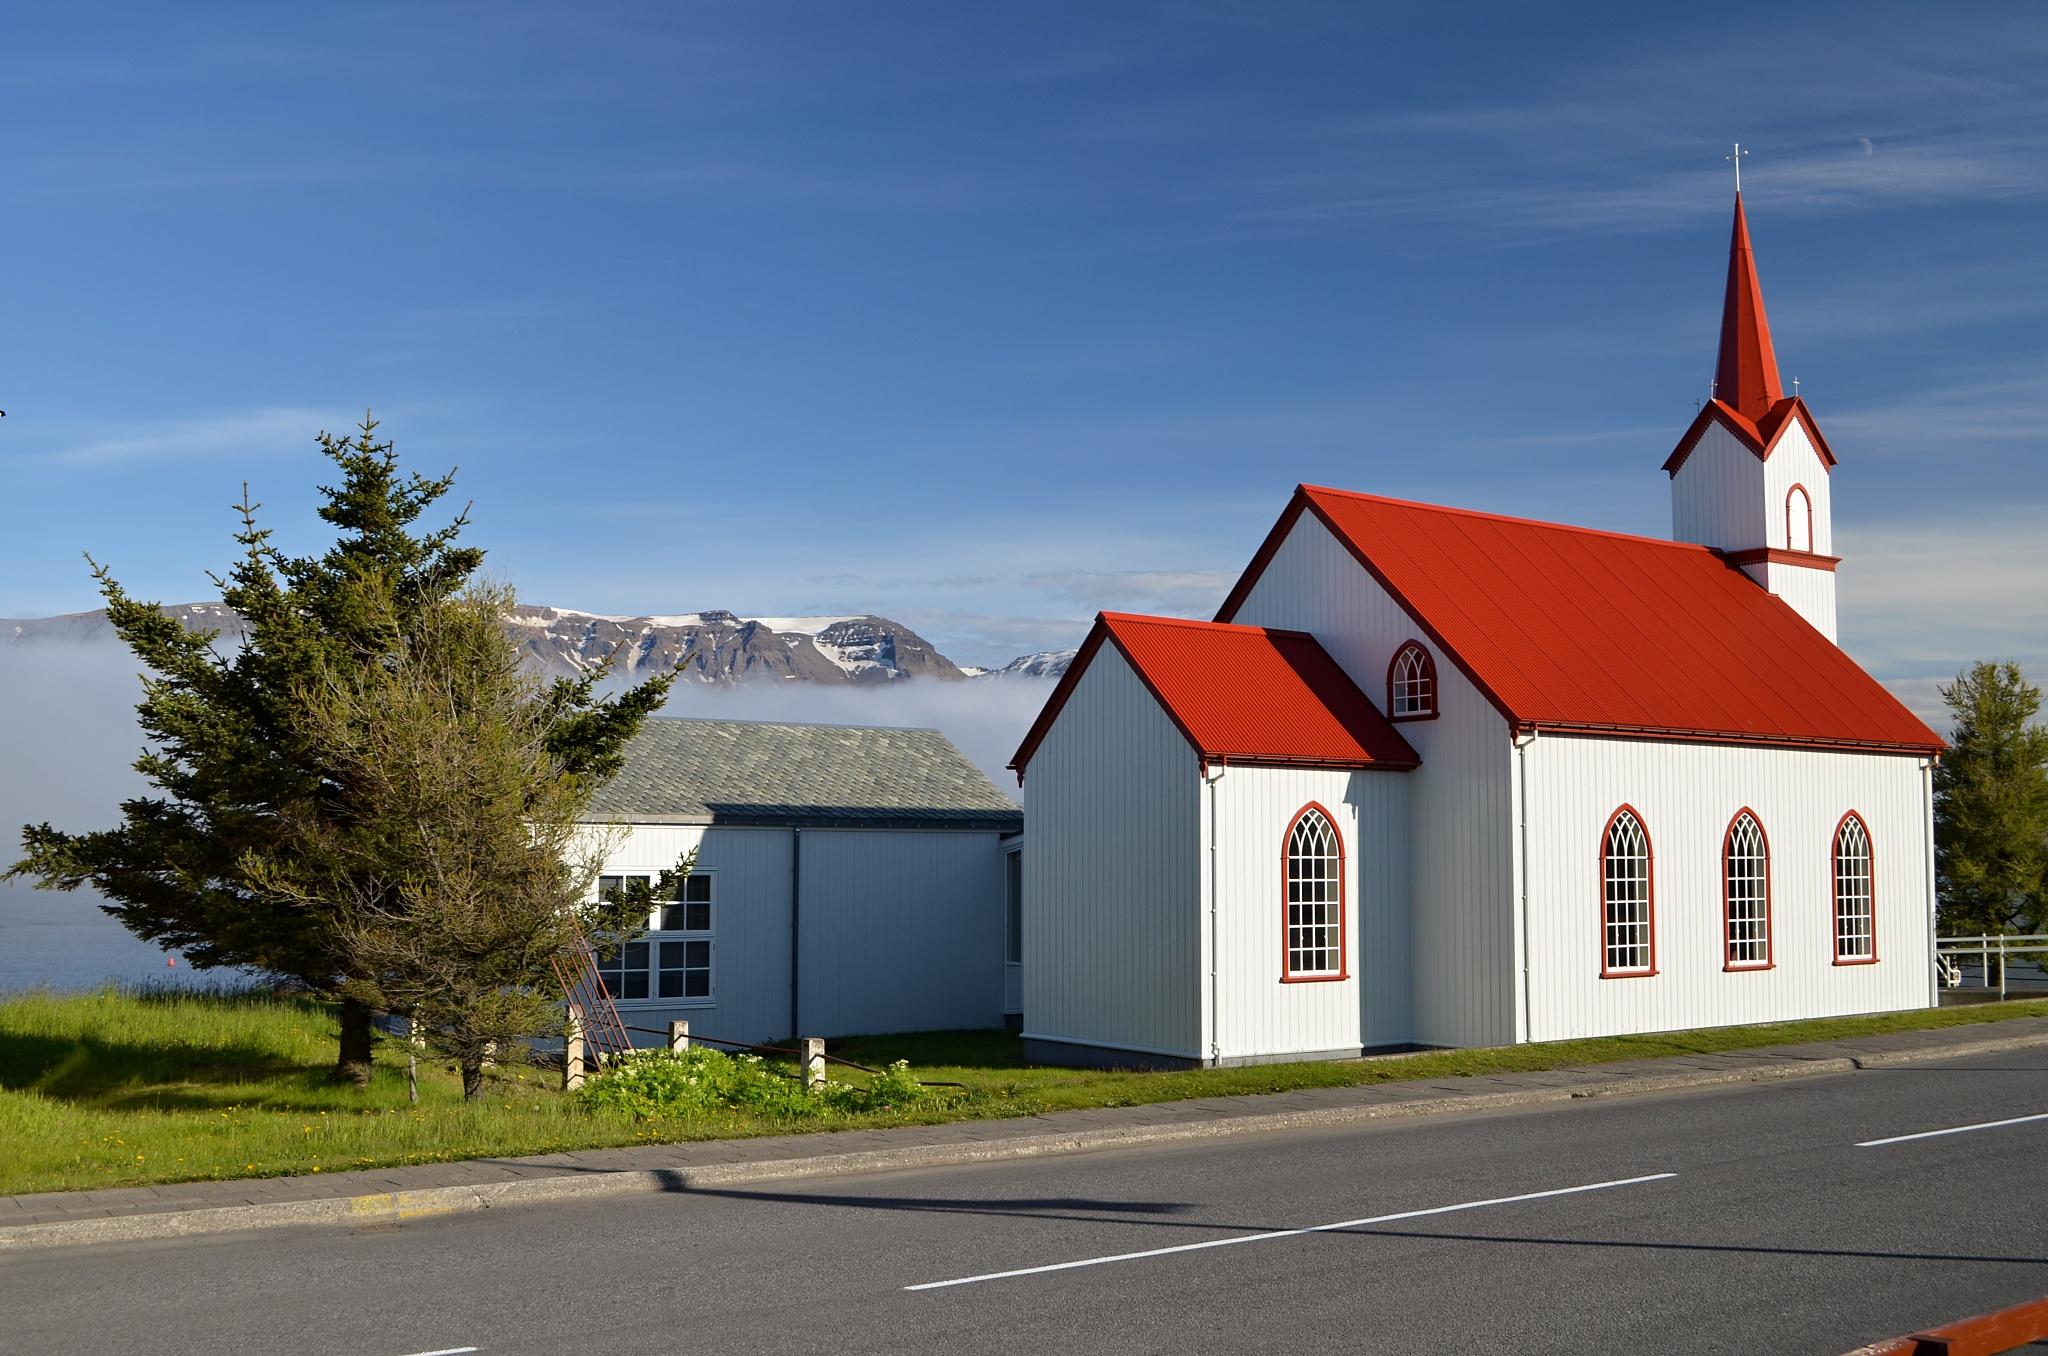 Neznámý kostelík u cesty